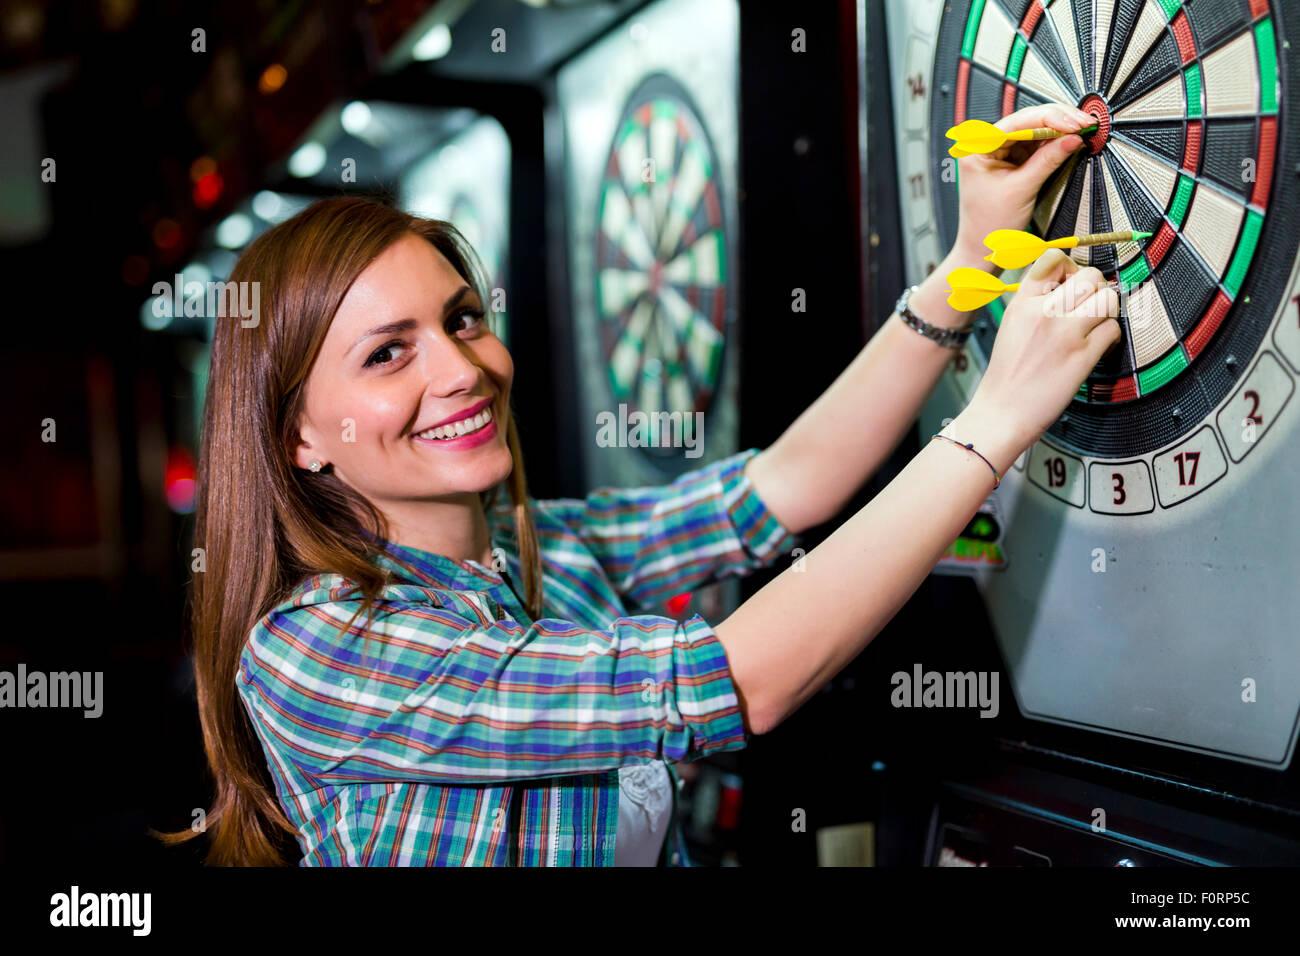 Belle Jeune femme jouant aux fléchettes dans un club et smiling Photo Stock